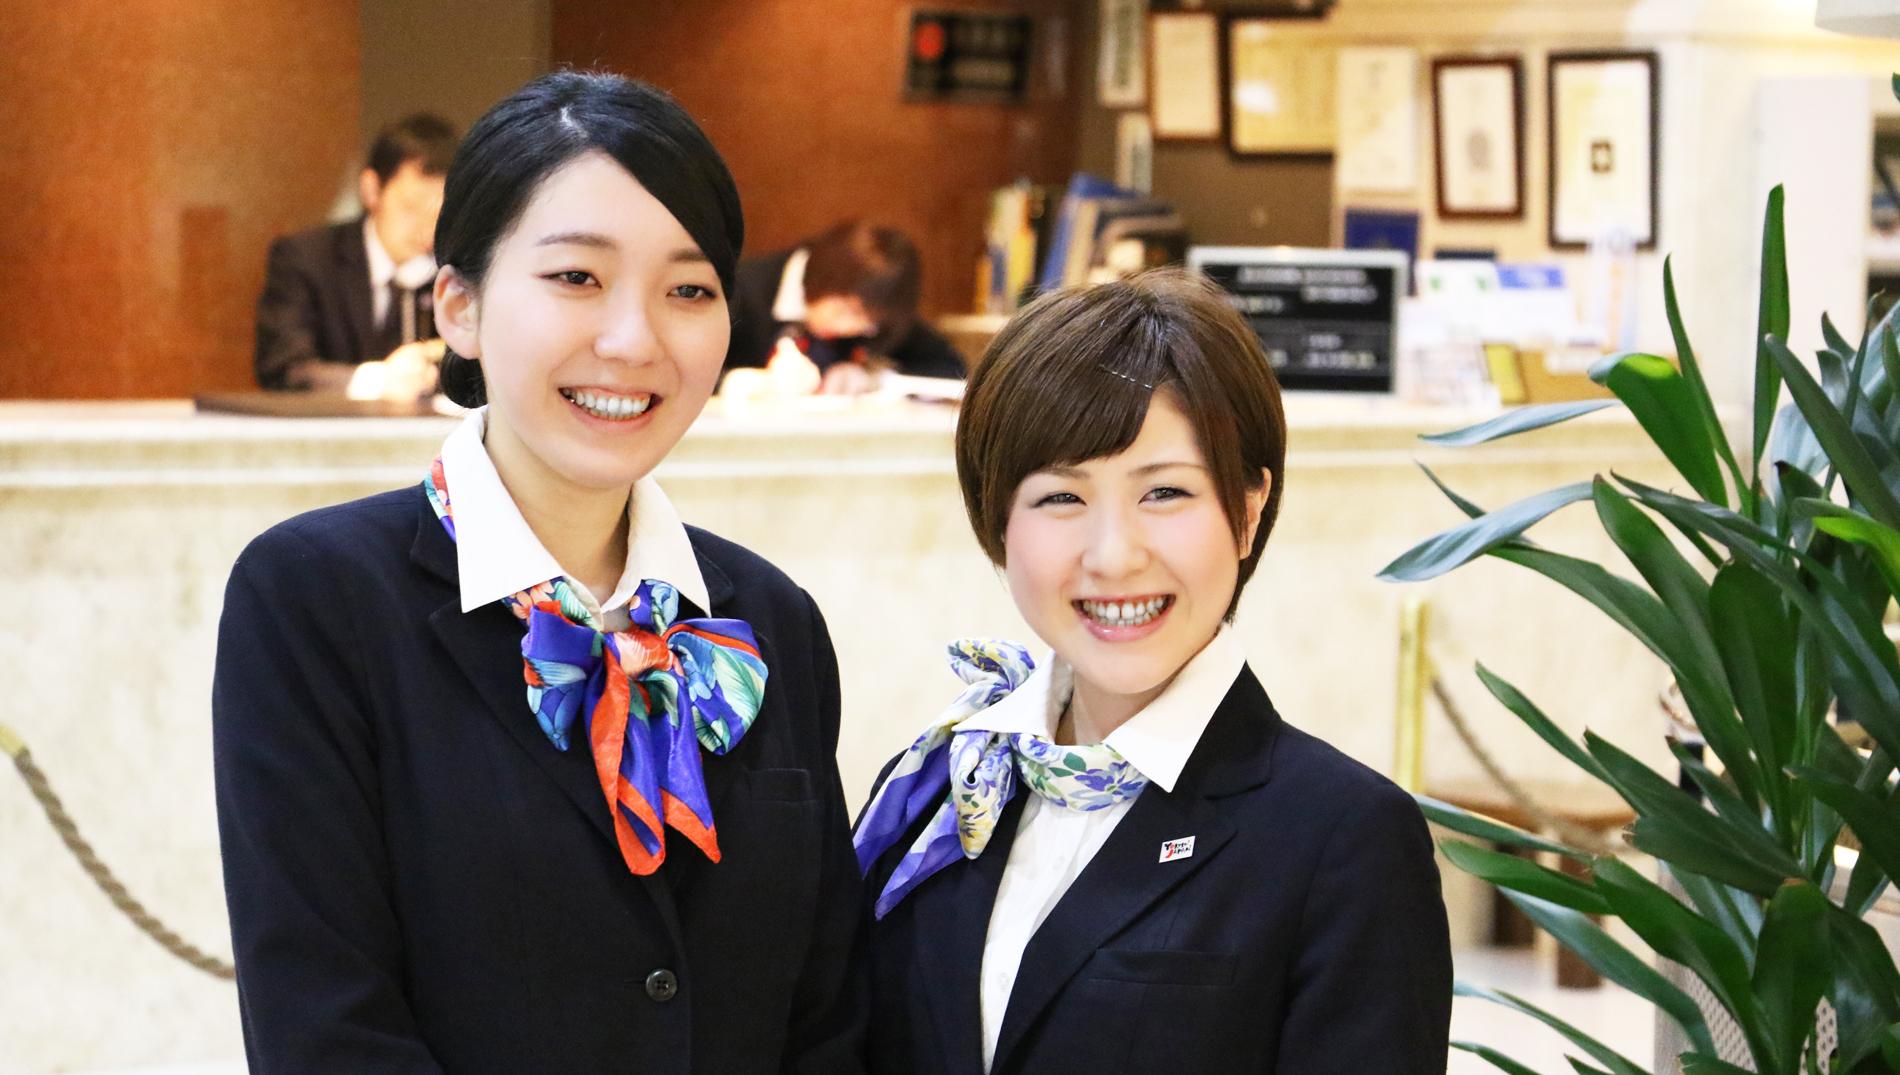 uenoXfukazawa2